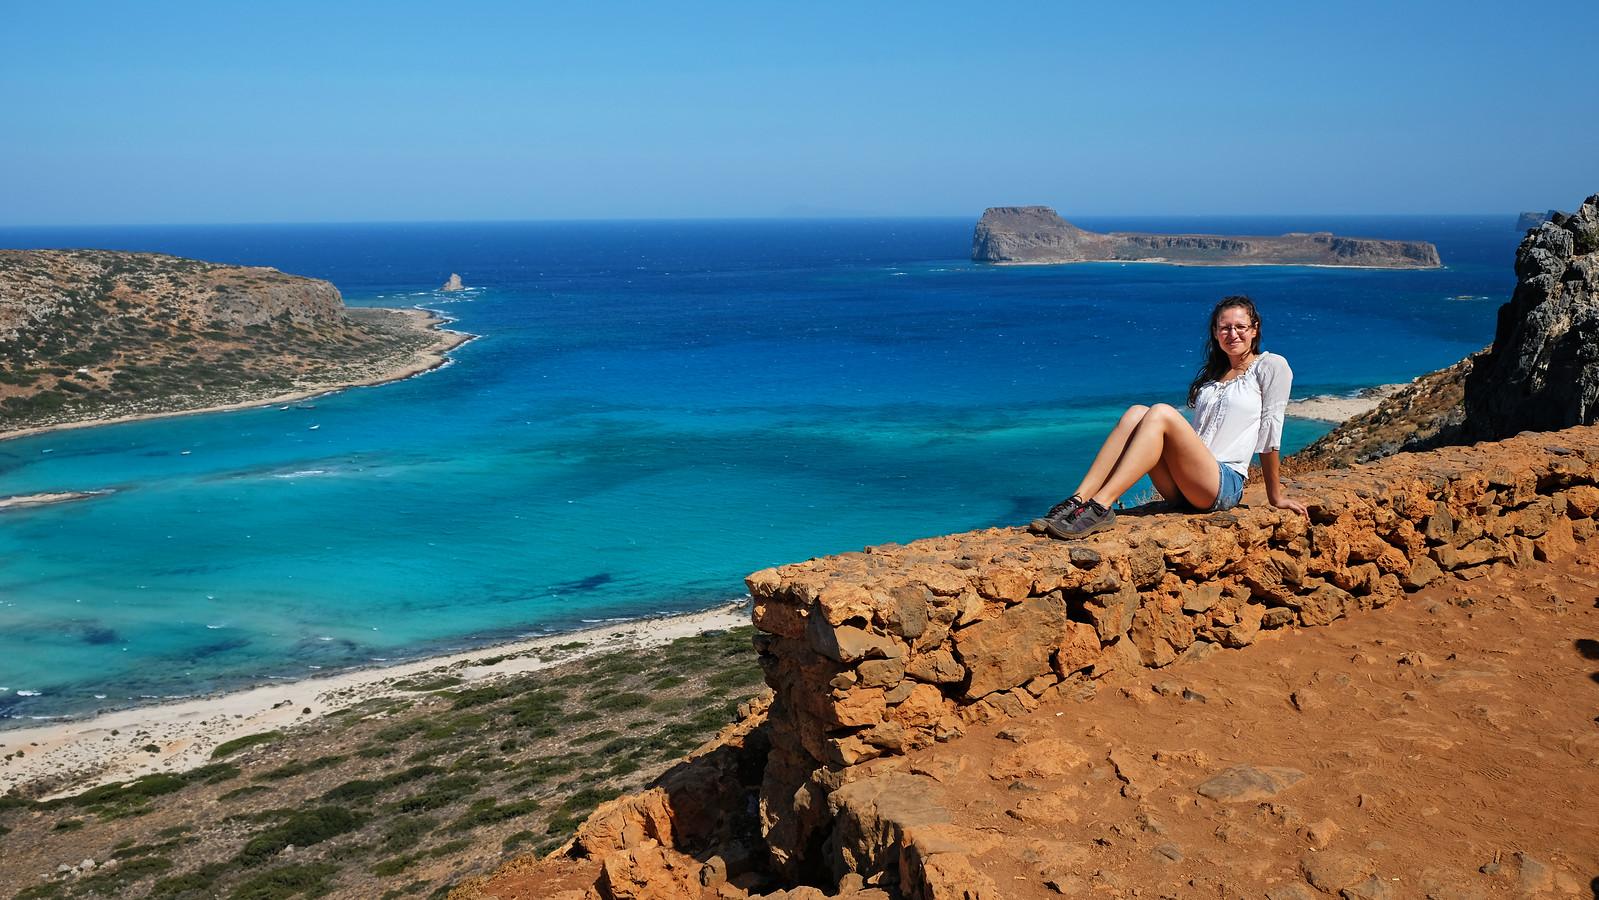 Balos Beach Trail, Crete, Greece